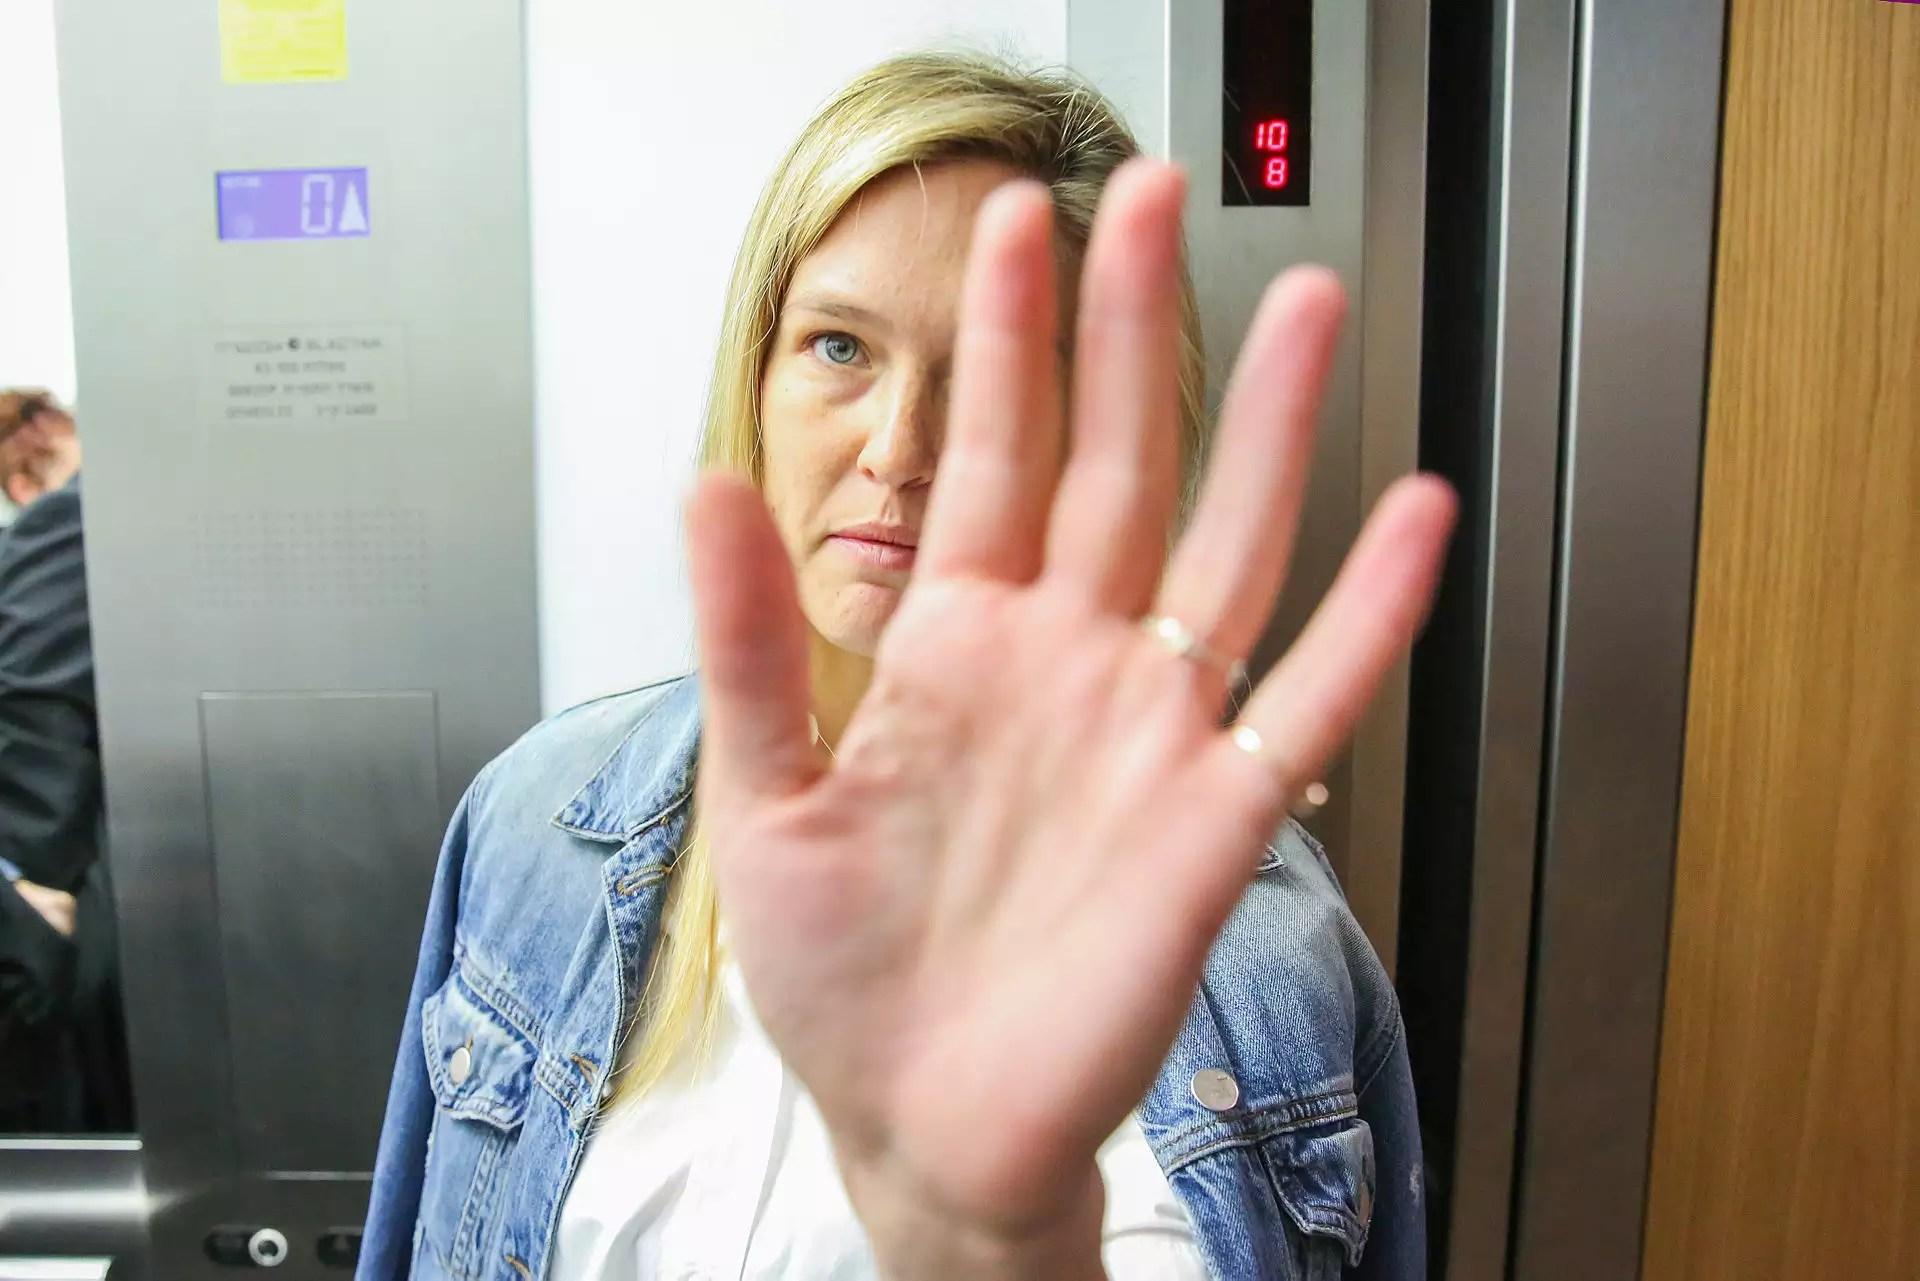 Sign Language Yy